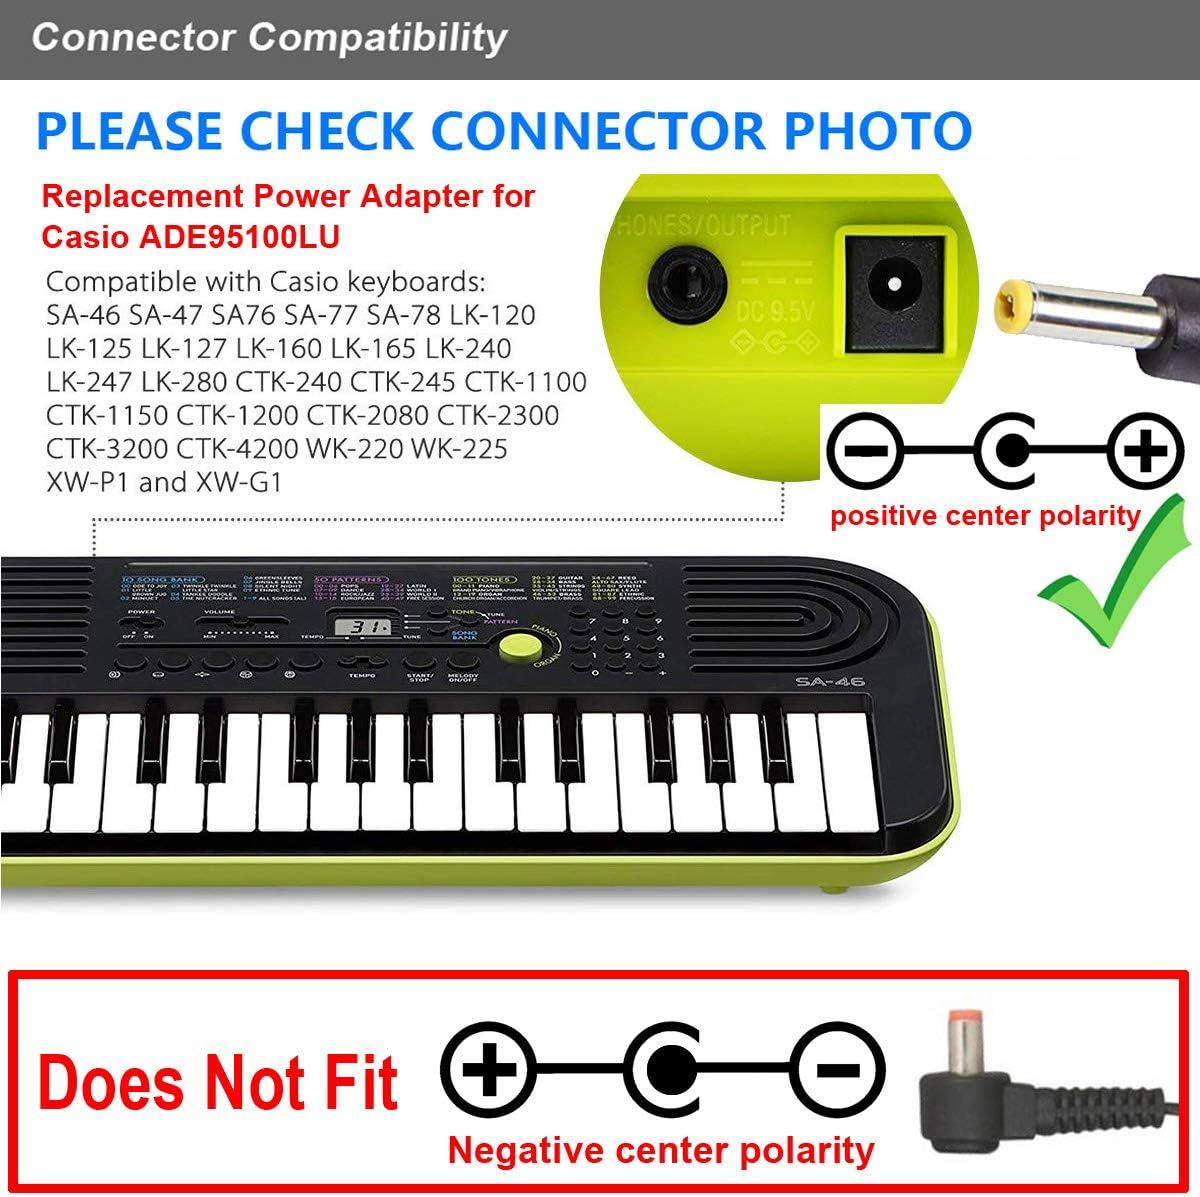 T POWER 9 V (6.6 ft cable largo) AC DC adaptador para Casio ade95 AD-E95100L ade95100l Cable de conmutación Fuente de alimentación de repuesto de ...